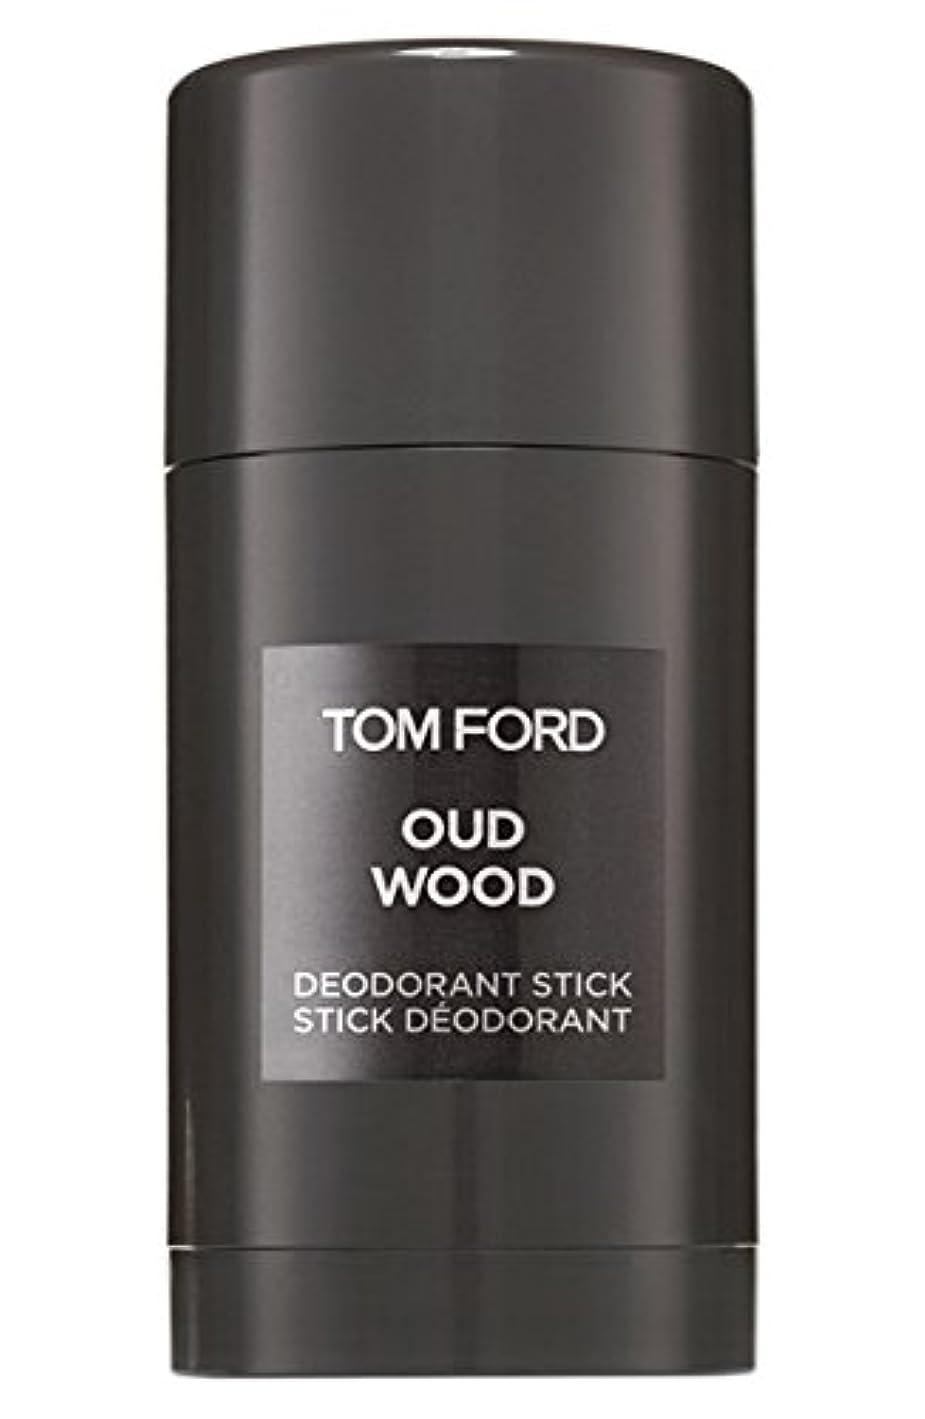 階層邪悪な先行するTom Ford Private Blend 'Oud Wood' (トムフォード プライベートブレンド オードウッド) 2.5 oz (75ml) Deodorant Stick (デオドラント スティック)